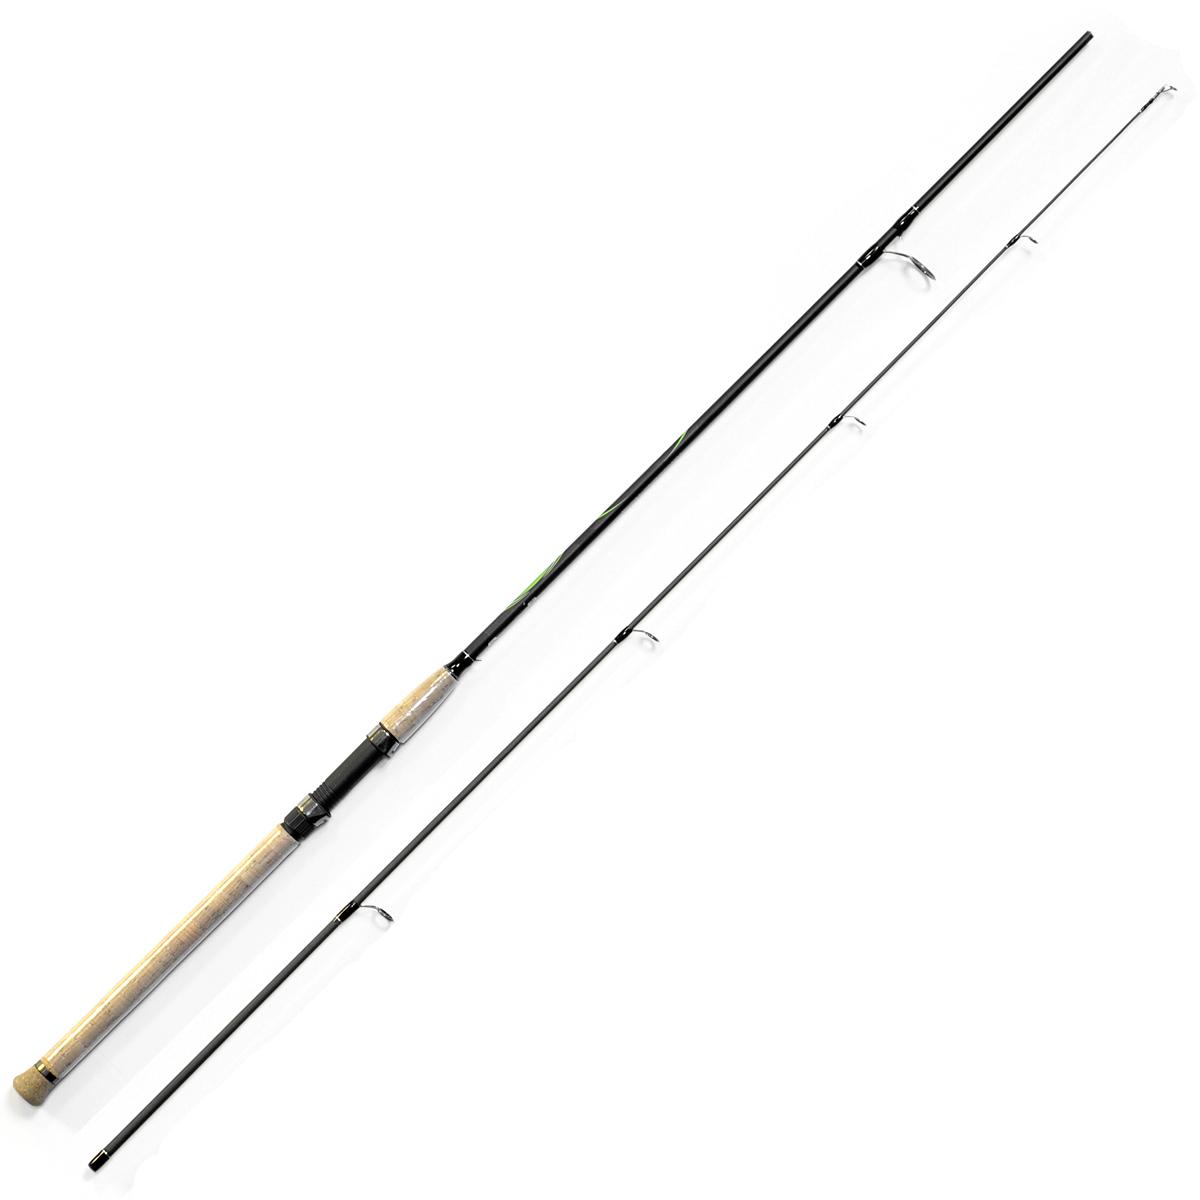 Спиннинг Salmo Sniper SPIN 20 2.10/ML, длина 2,1м, 5-20г205-06241Универсальный спиннинг средне-быстрого строя для ловли на различные приманки, изготовленный из композита. Бланк спиннинга укомплектован облегченными кольцами, на высоких ножках со вставками SIC и элегантной рукояткой с пробковым покрытием и облегченным буфером на торце. Соединение колен спиннинга по типу OVER STEEK. Все спиннинги имеют один тест: 5–20 г.- Материал бланка удилища - композит- Строй бланка средне-быстрый- Класс спиннинга ML- Конструкция штекерная- Соединение колен типа OVER STEEK- Кольца пропускные:– облегченные большое– со вставками SIC– с расстановкой по классической концепции- Рукоятка:– пробковая- Катушкодержатель:– винтового типа- Проволочная петля для закрепления приманок